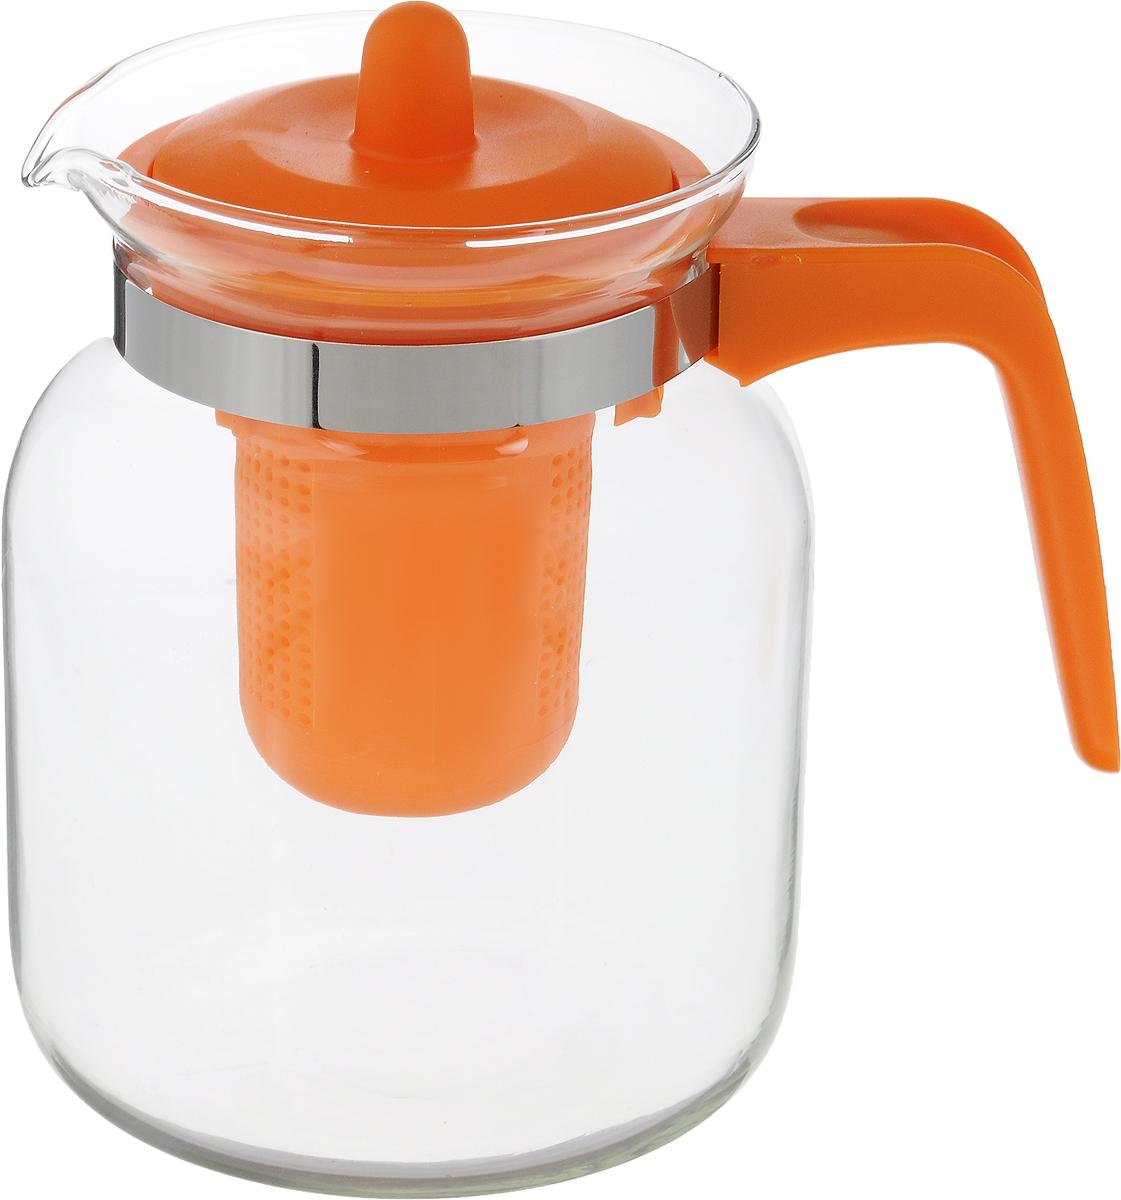 Чайник-кувшин Menu Чабрец, с фильтром, цвет: прозрачный, оранжевый, 1,45 лVT-1520(SR)Чайник-кувшин Menu Чабрец изготовлен из прочного стекла, которое выдерживает температуру до 100°C. Он прекрасно подойдет для заваривания чая и травяных настоев.Классический стиль и оптимальный объем делают чайник удобным и оригинальным аксессуаром, который прекрасно подойдет для ежедневного использования. Ручка изделия выполнена из пищевого пластика, она не нагревается и обеспечивает безопасность использования. Благодаря съемному ситечку и оптимальной форме колбы, чайник-кувшин Menu Чабрец идеально подходит для использования его в качестве кувшина для воды и прохладительных напитков.Диаметр чайника по верхнему краю: 10,3 см.Общий диаметр чайника: 11 см.Высота чайника (без учета ручки и крышки): 15,6 см.Высота чайника (с учетом ручки и крышки): 17 см.